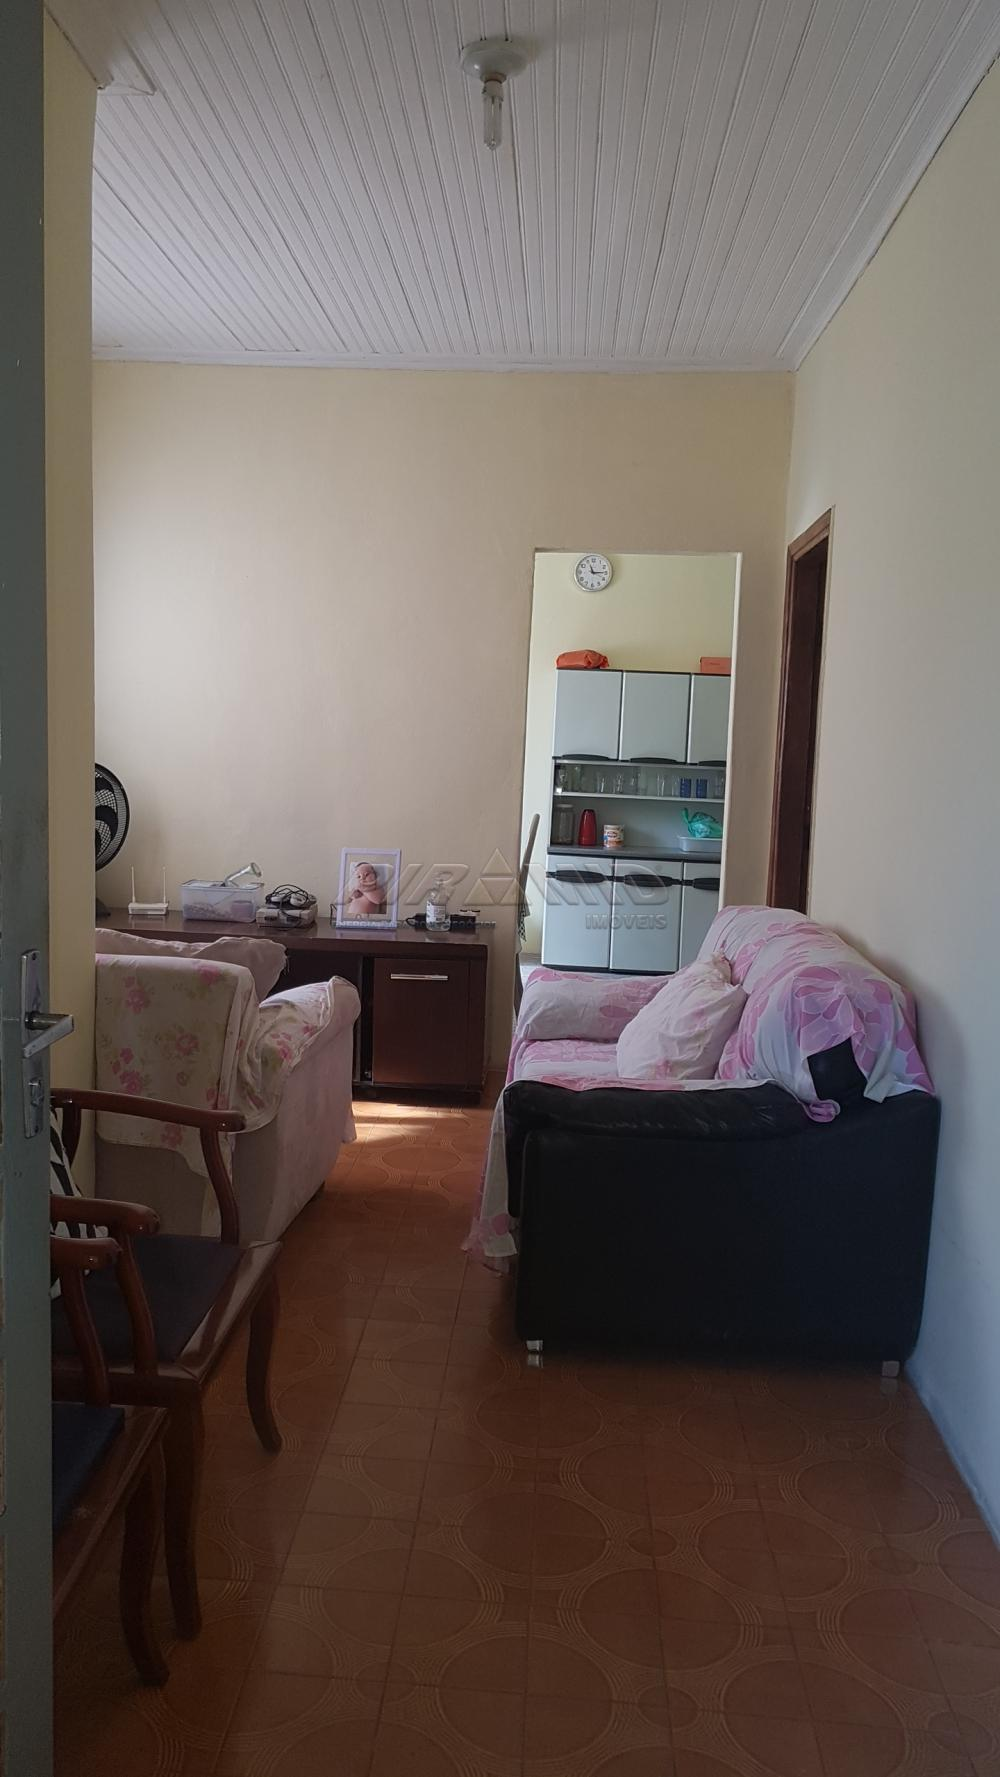 Comprar Casa / Padrão em Ribeirão Preto apenas R$ 170.000,00 - Foto 3